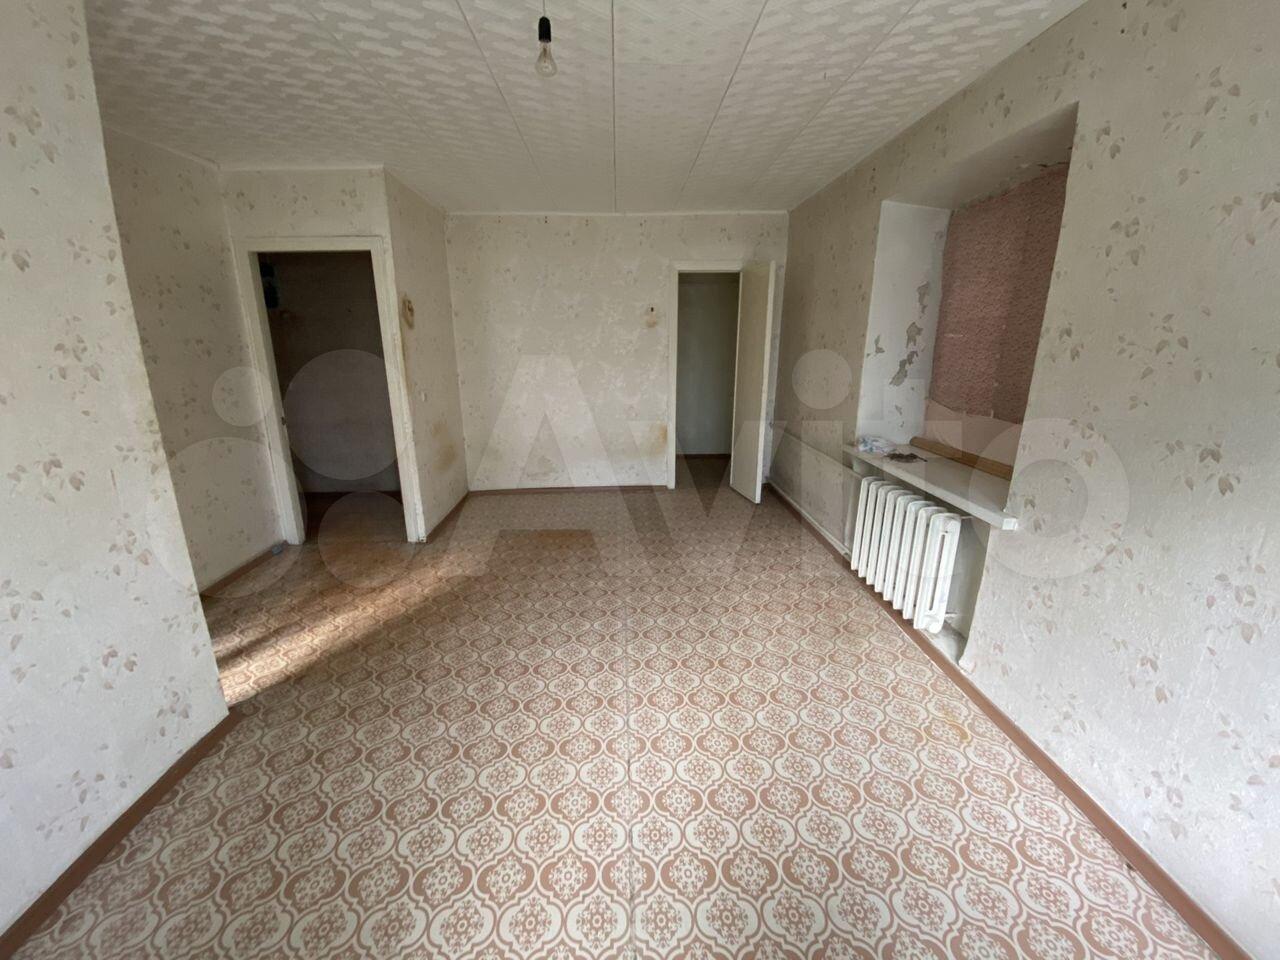 1-к квартира, 31.8 м², 1/2 эт.  89176119095 купить 2